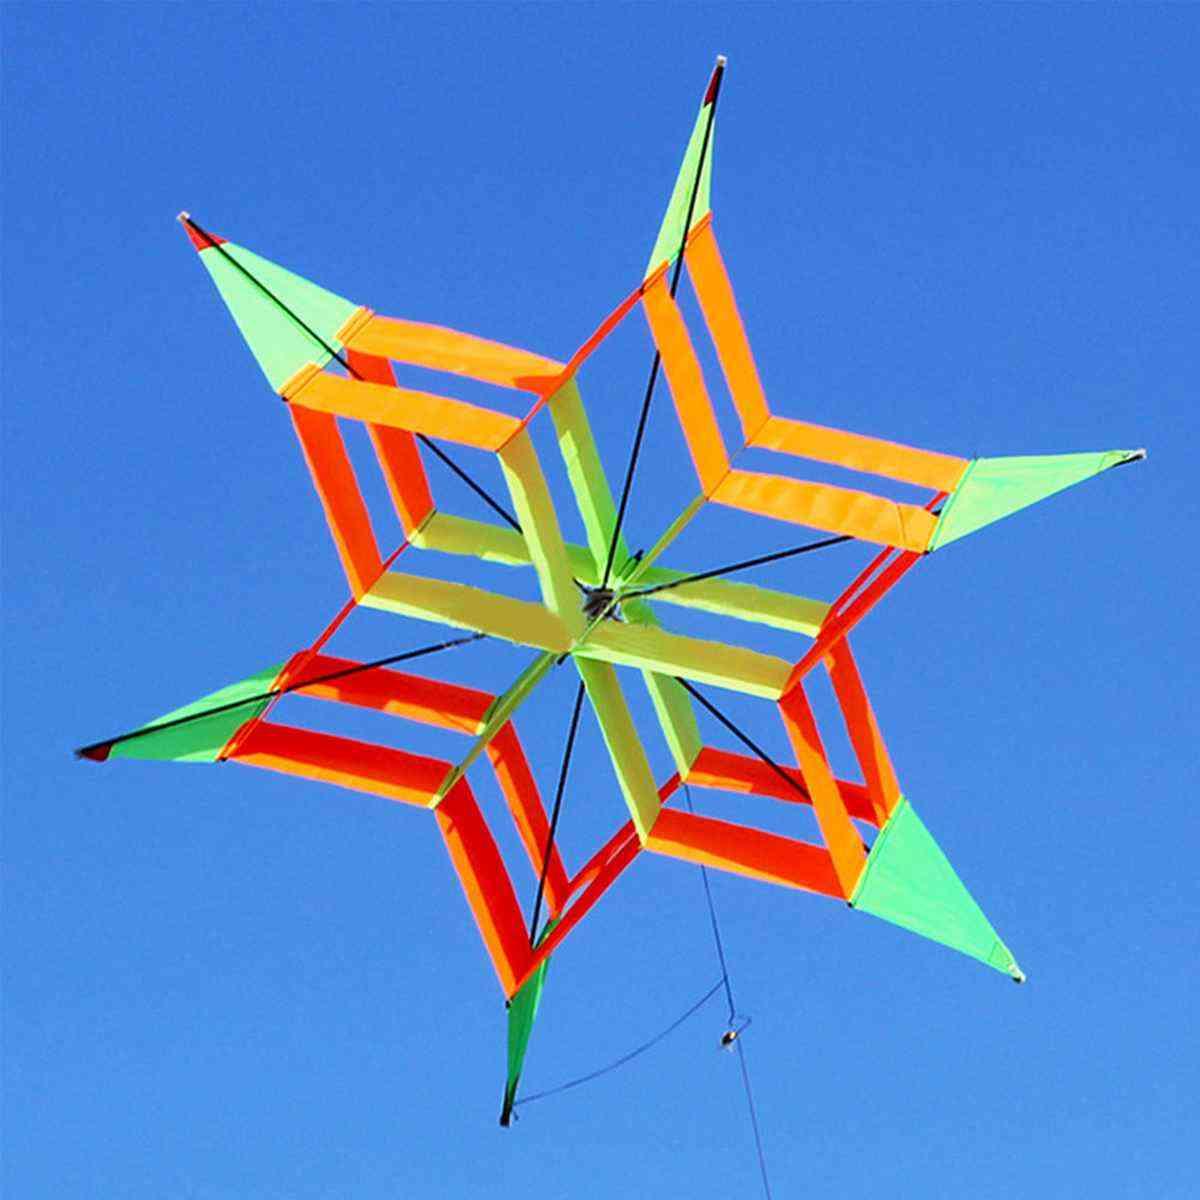 3d Colorful Flower Kite, Single Line Flying Kite